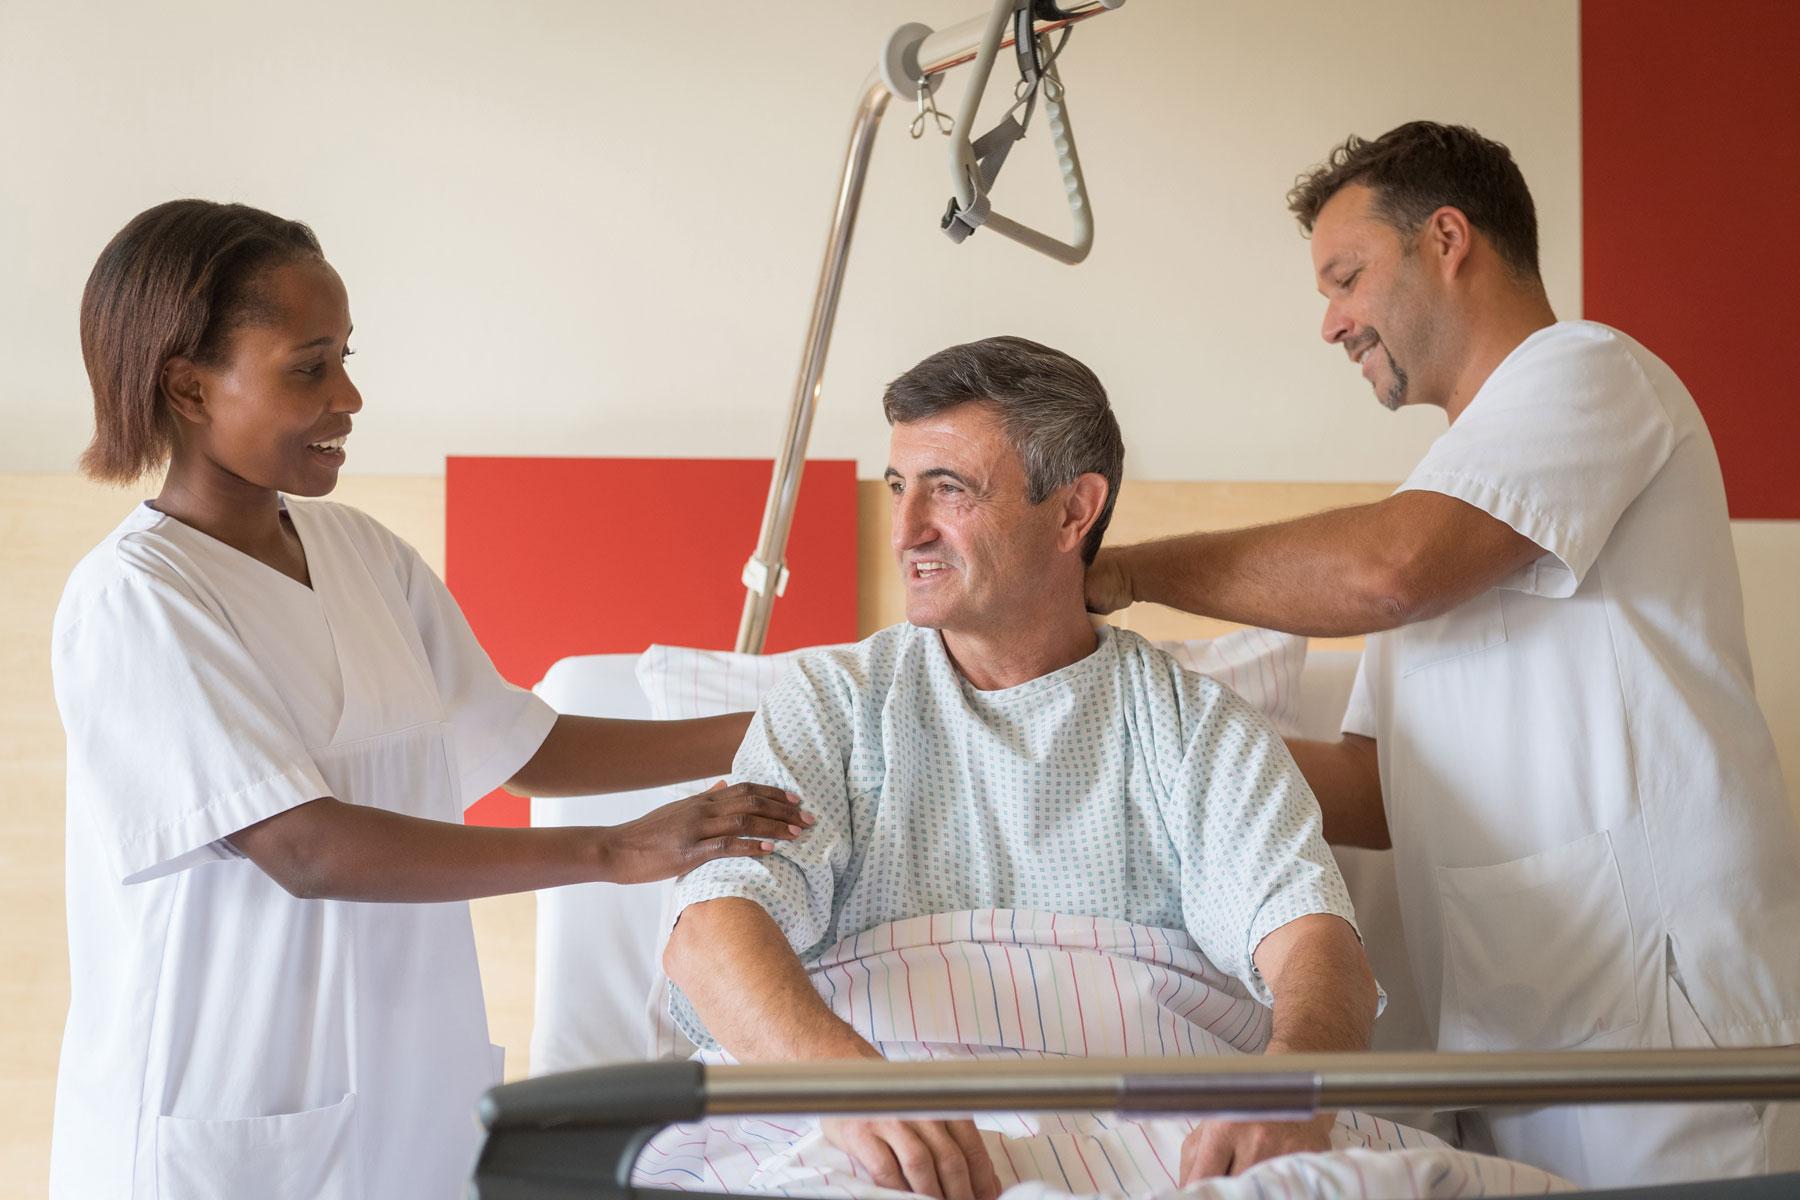 Zwei Pflegekräfte in der Ausbildung helfen einem Herren beim Aufstehen aus dem Krankenbett